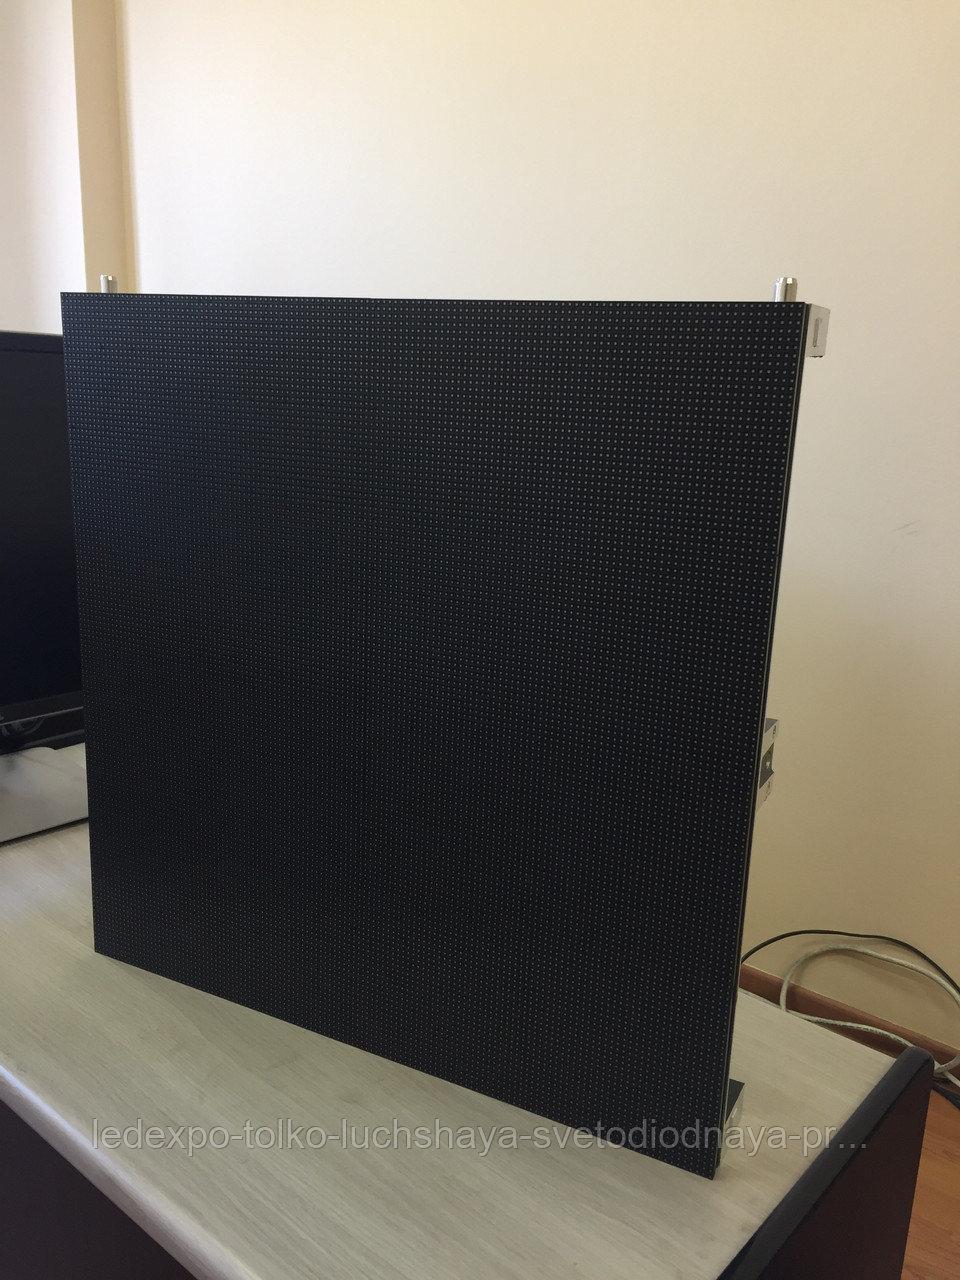 LED экран Р4 (арендный)